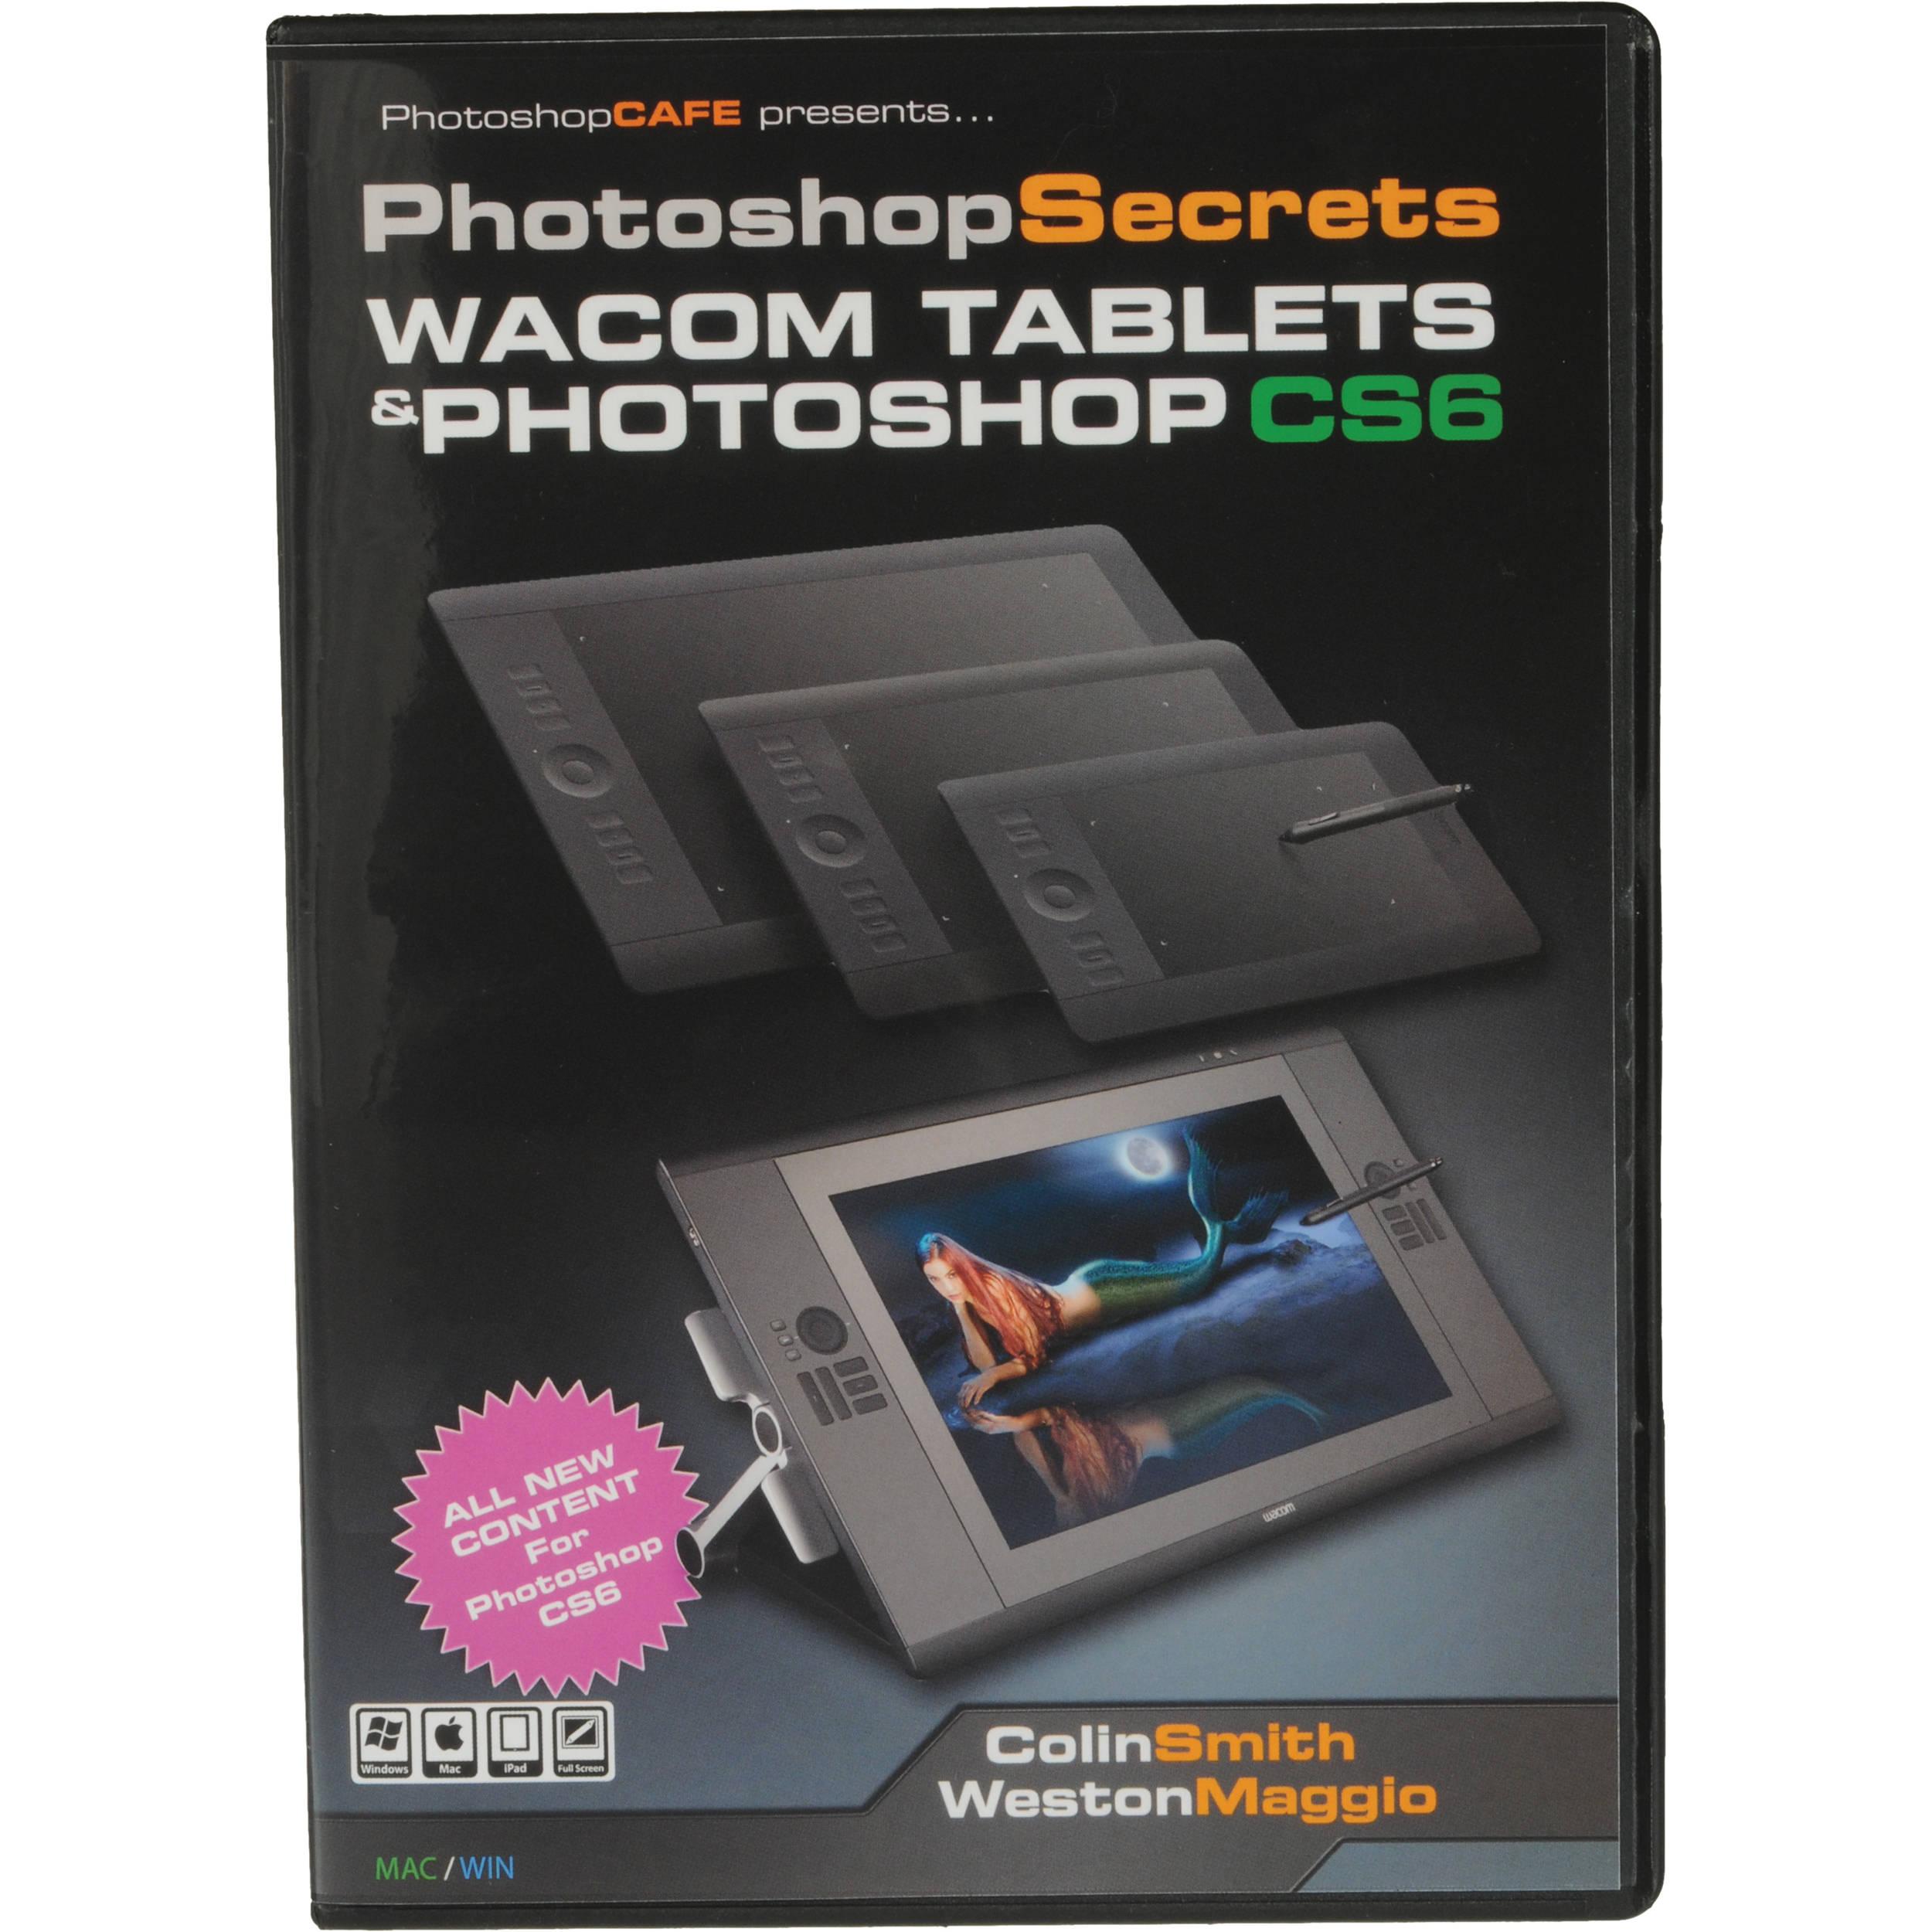 PhotoshopCAFE DVD: Photoshop Secrets: Wacom Tablets and CS6WACOM